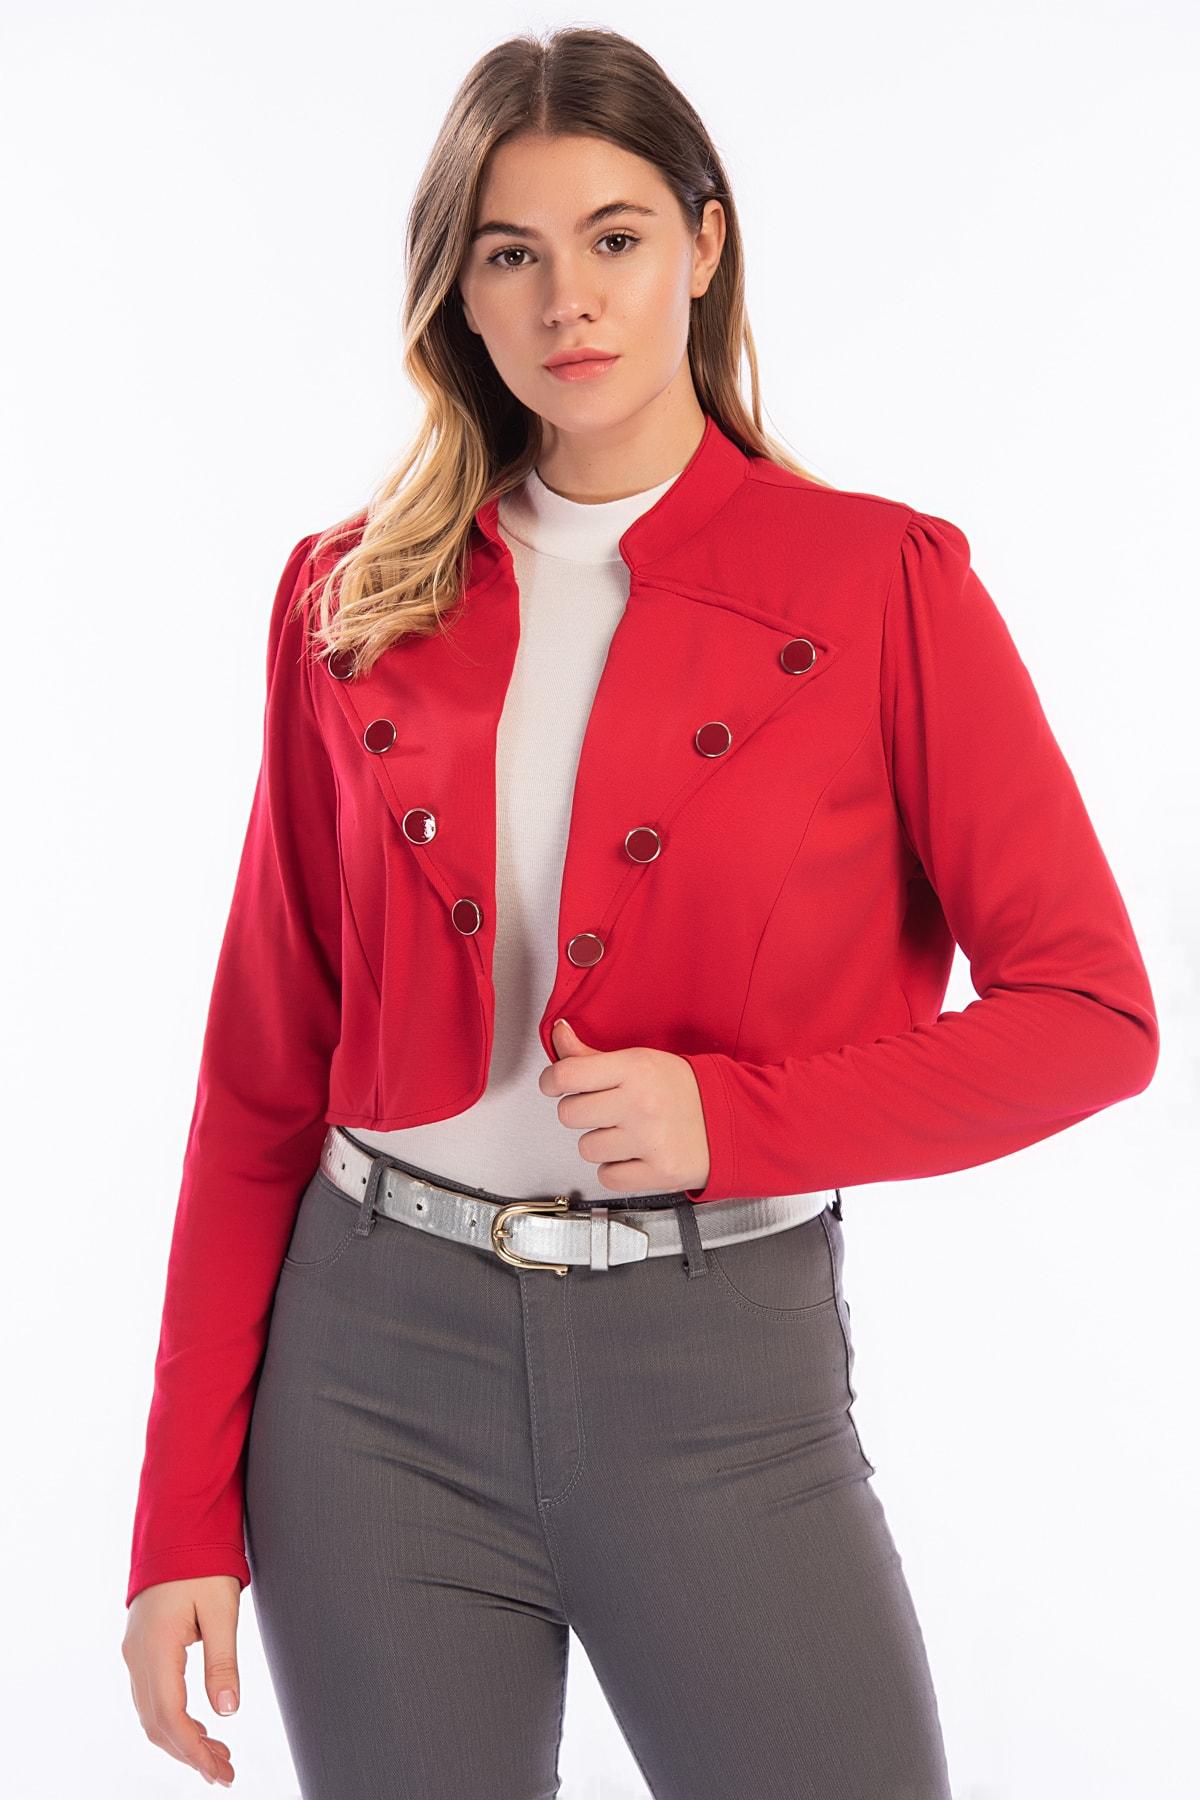 Şans Kadın Kırmızı Düğme Detaylı Kısa Bolero Ceket 26A12715Kırmızı 1